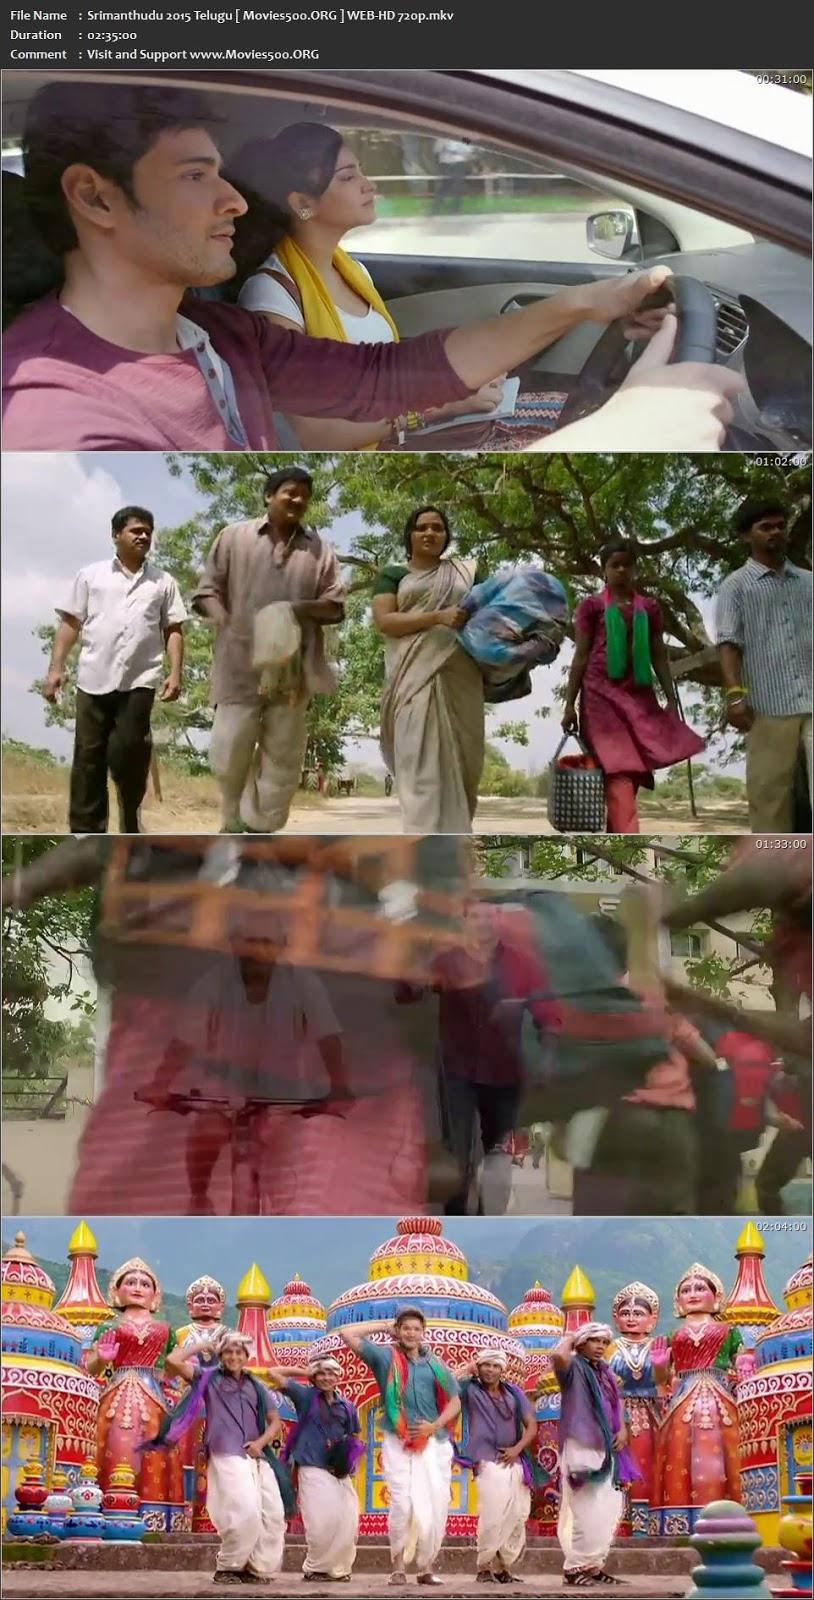 Srimanthudu 2015 Telugu Full Movie WEB HD 720p at gamezun.com